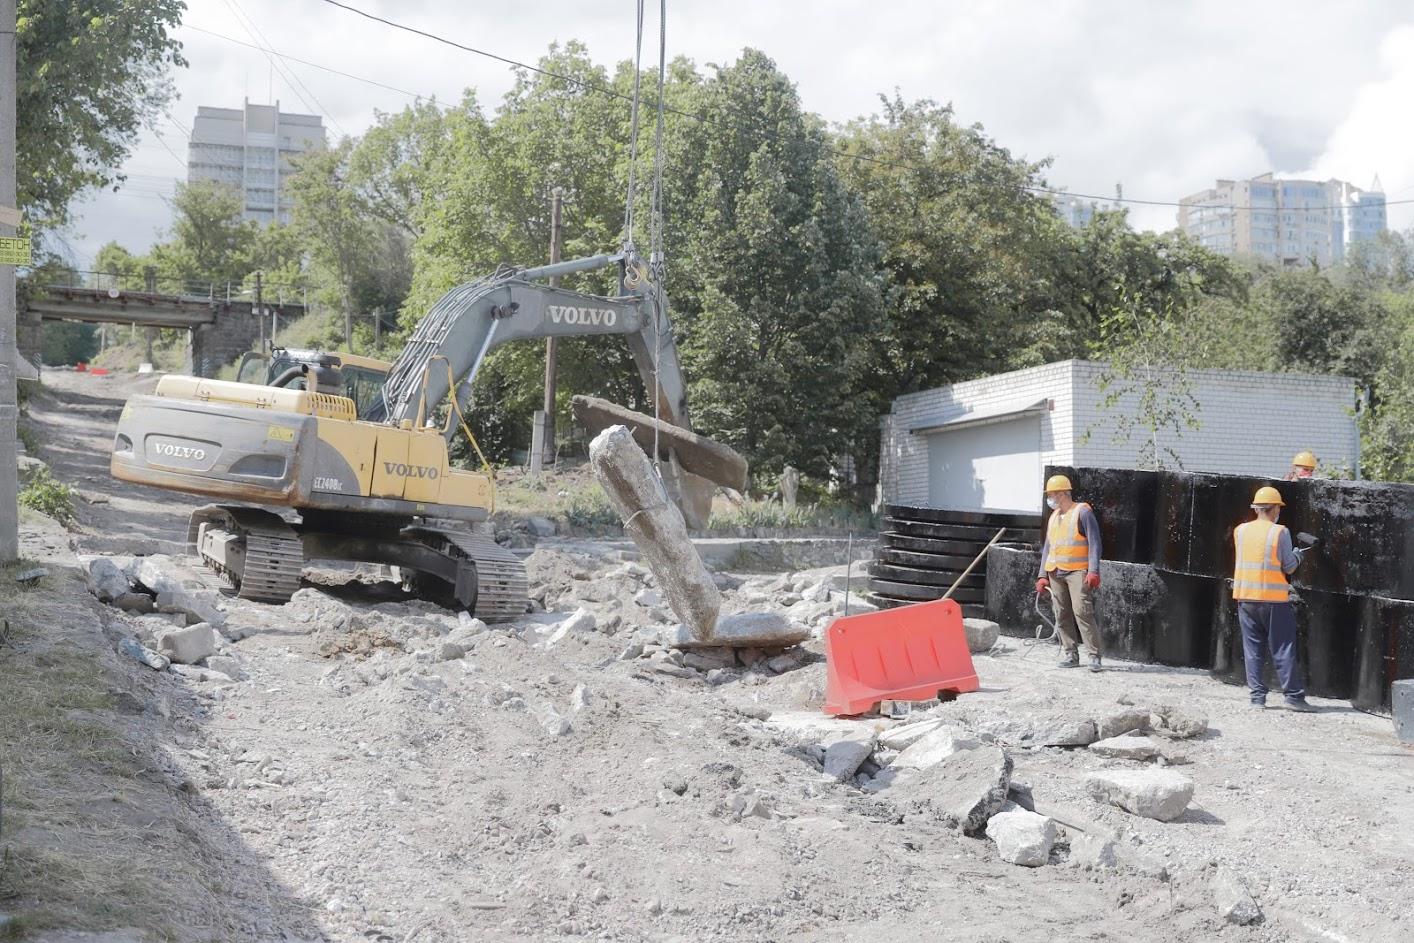 Замена сетей, тротуары и обустройство ливневой канализации: Борис Филатов назвал важные этапы капитального ремонта Крестьянского спуска. Новости Днепра